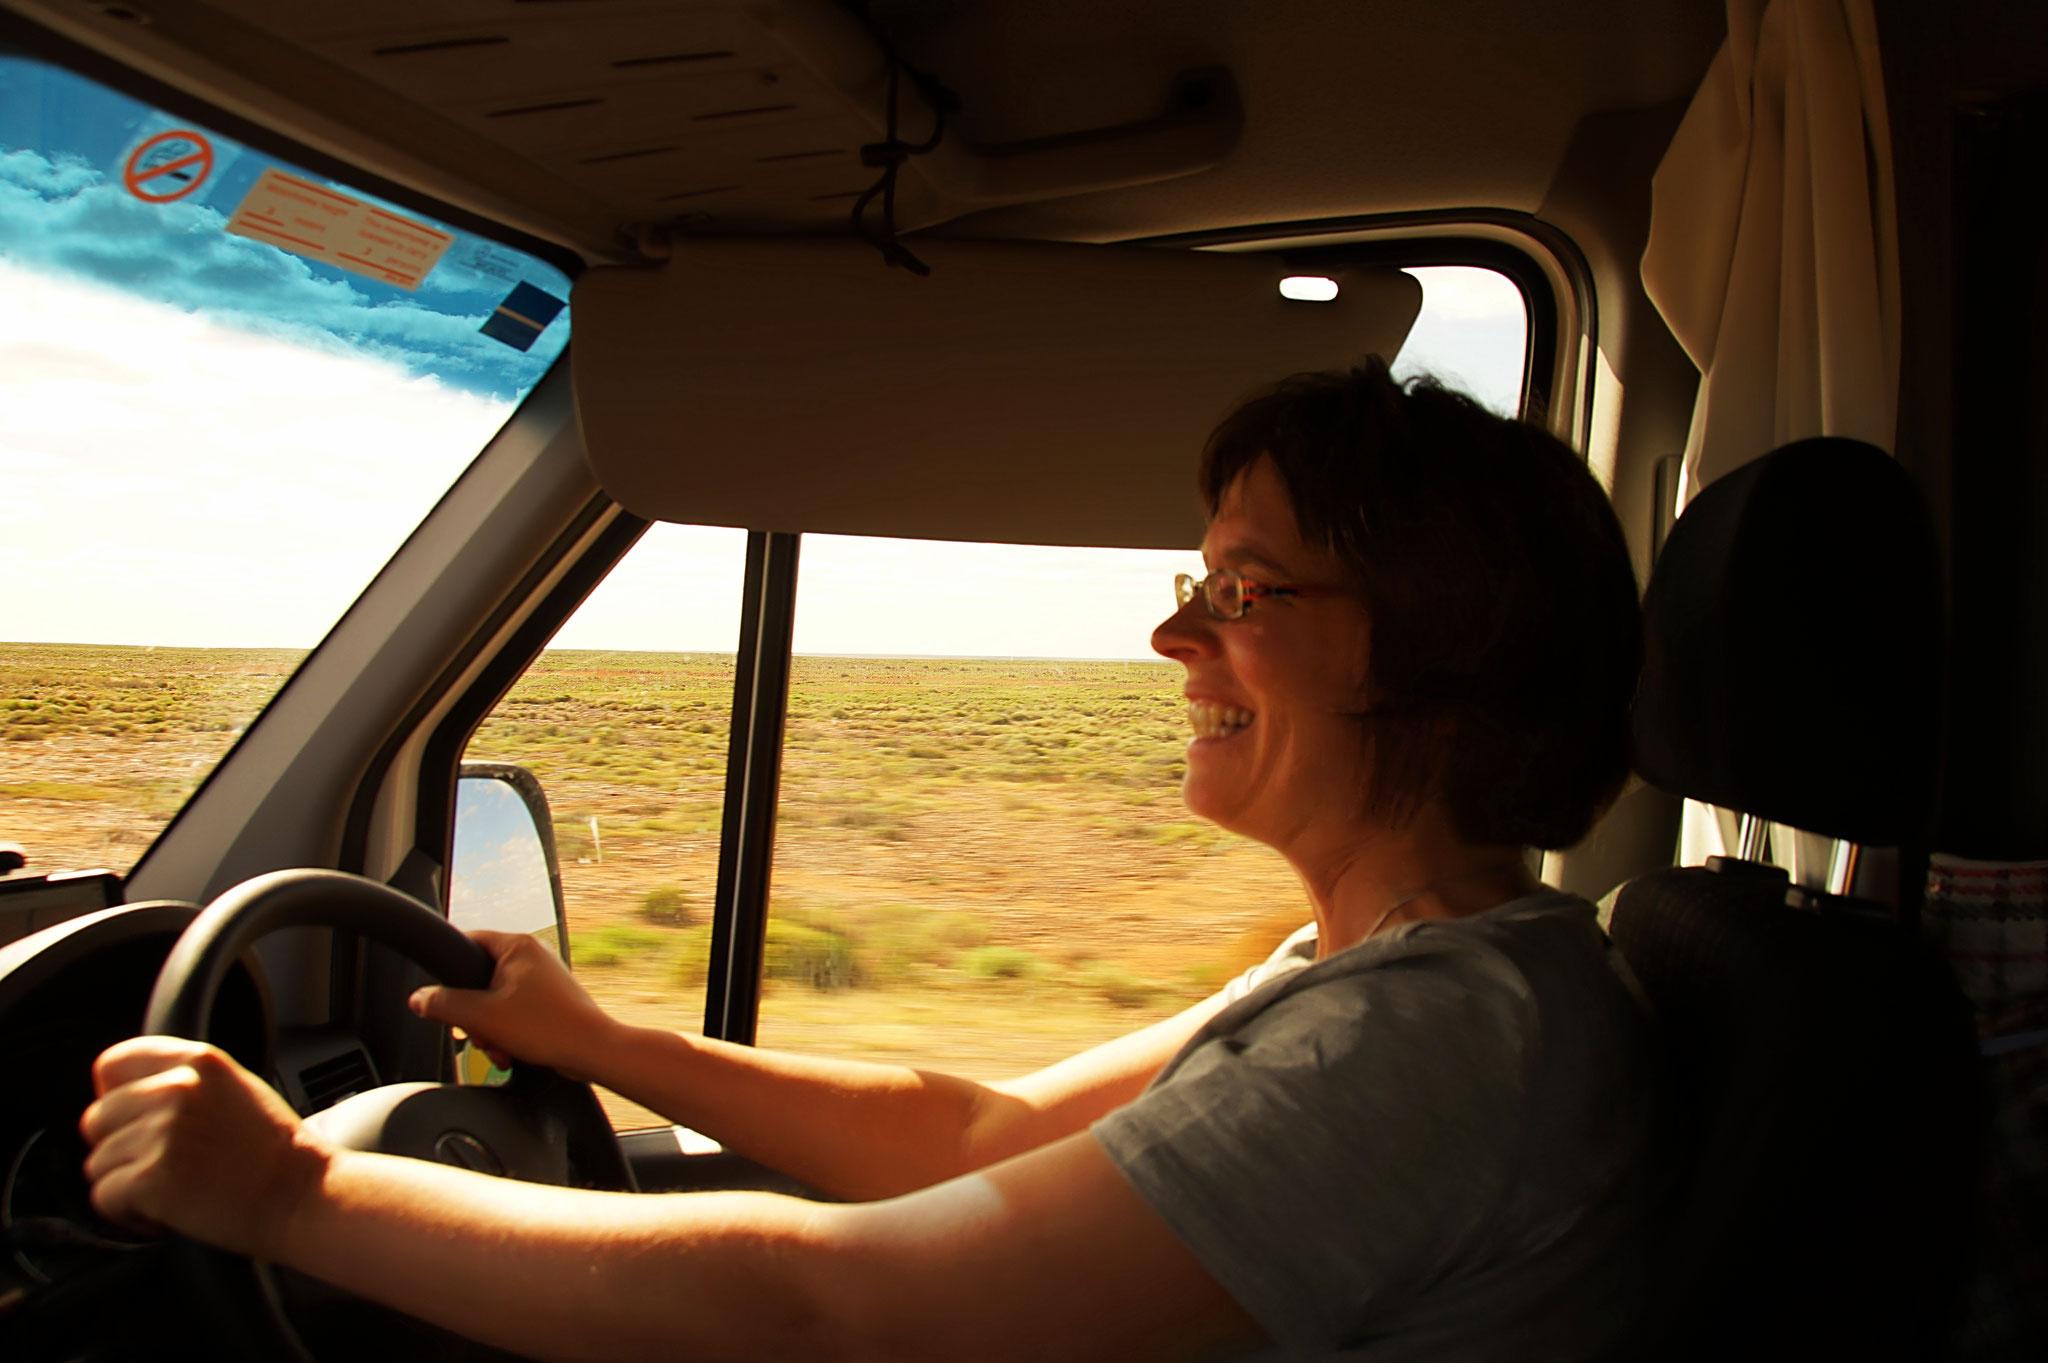 Für Frau ist Wohnmobilfahren in Australien kein Problem.